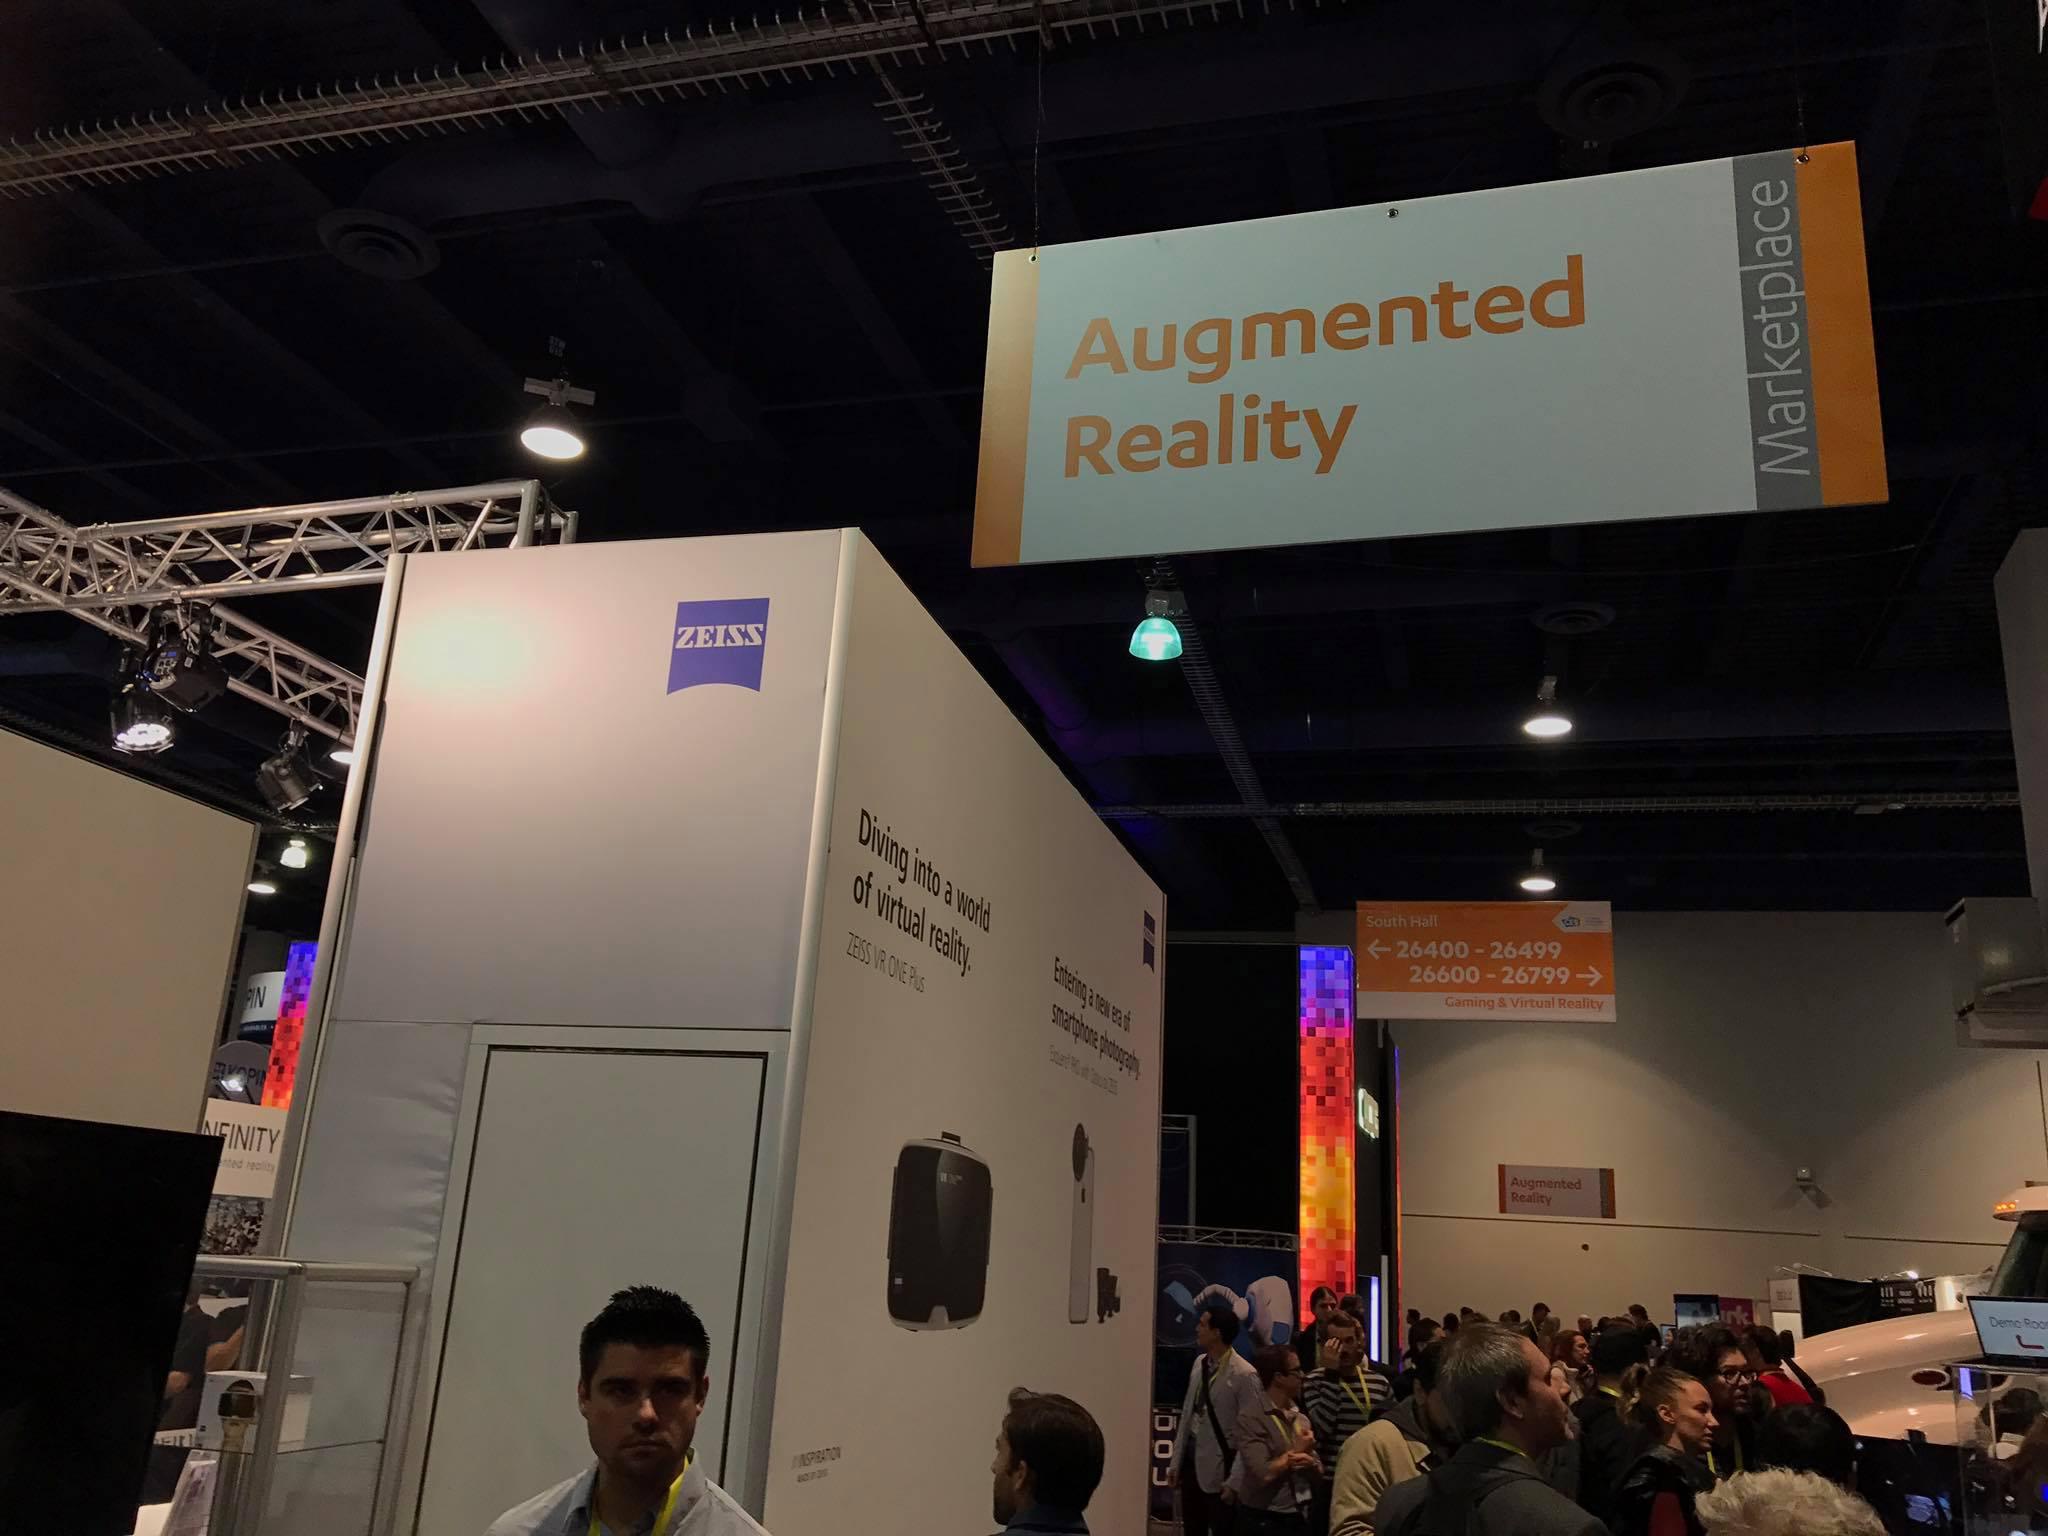 Apple travaillerait avec Carl Zeiss sur des lunettes de réalité augmentée